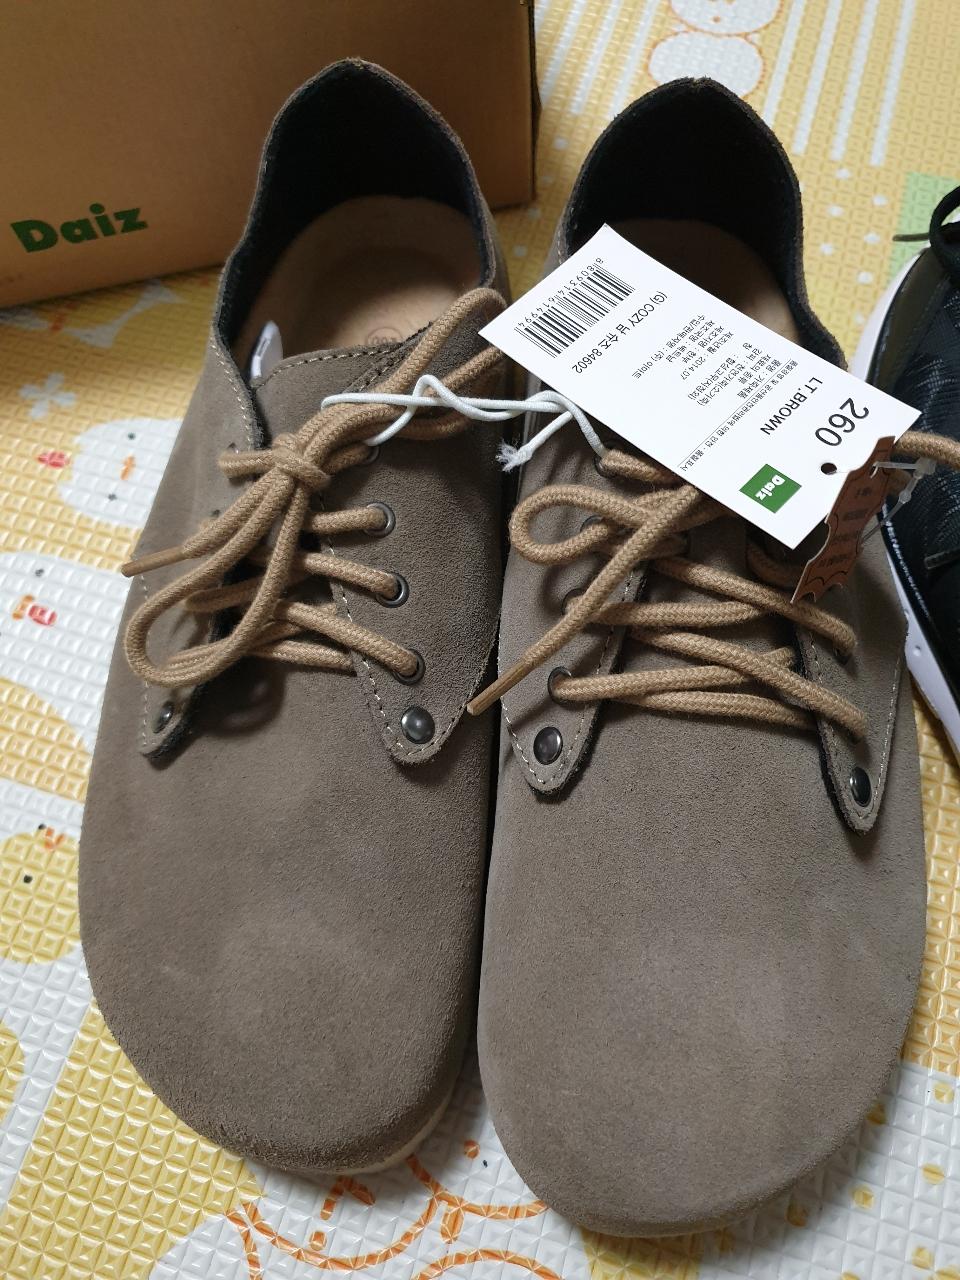 260사이즈 신발